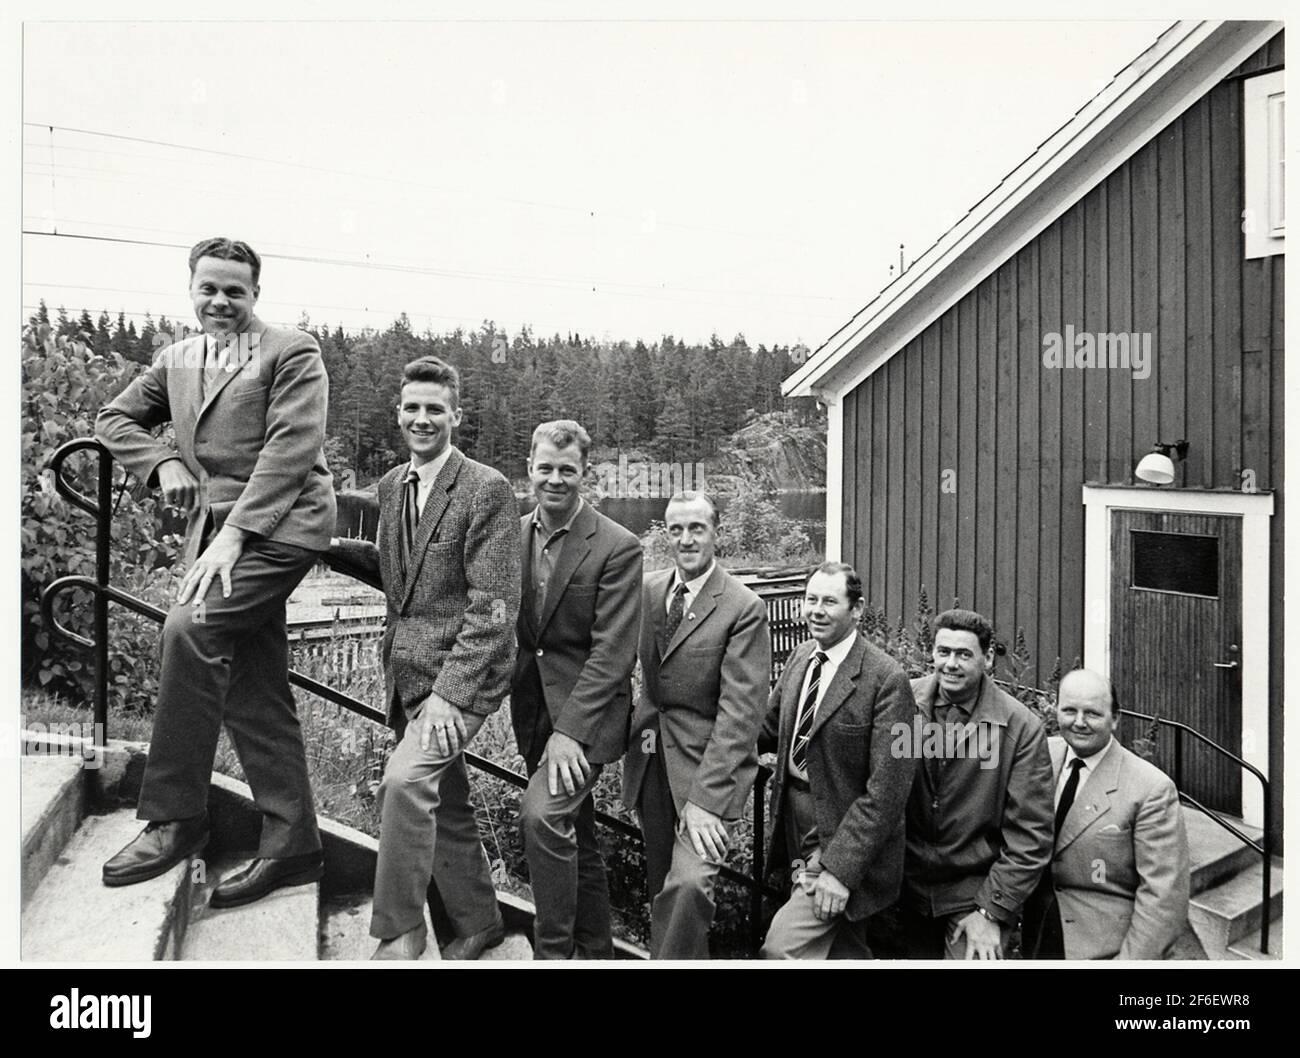 Group photo at Harsjön. Stock Photo